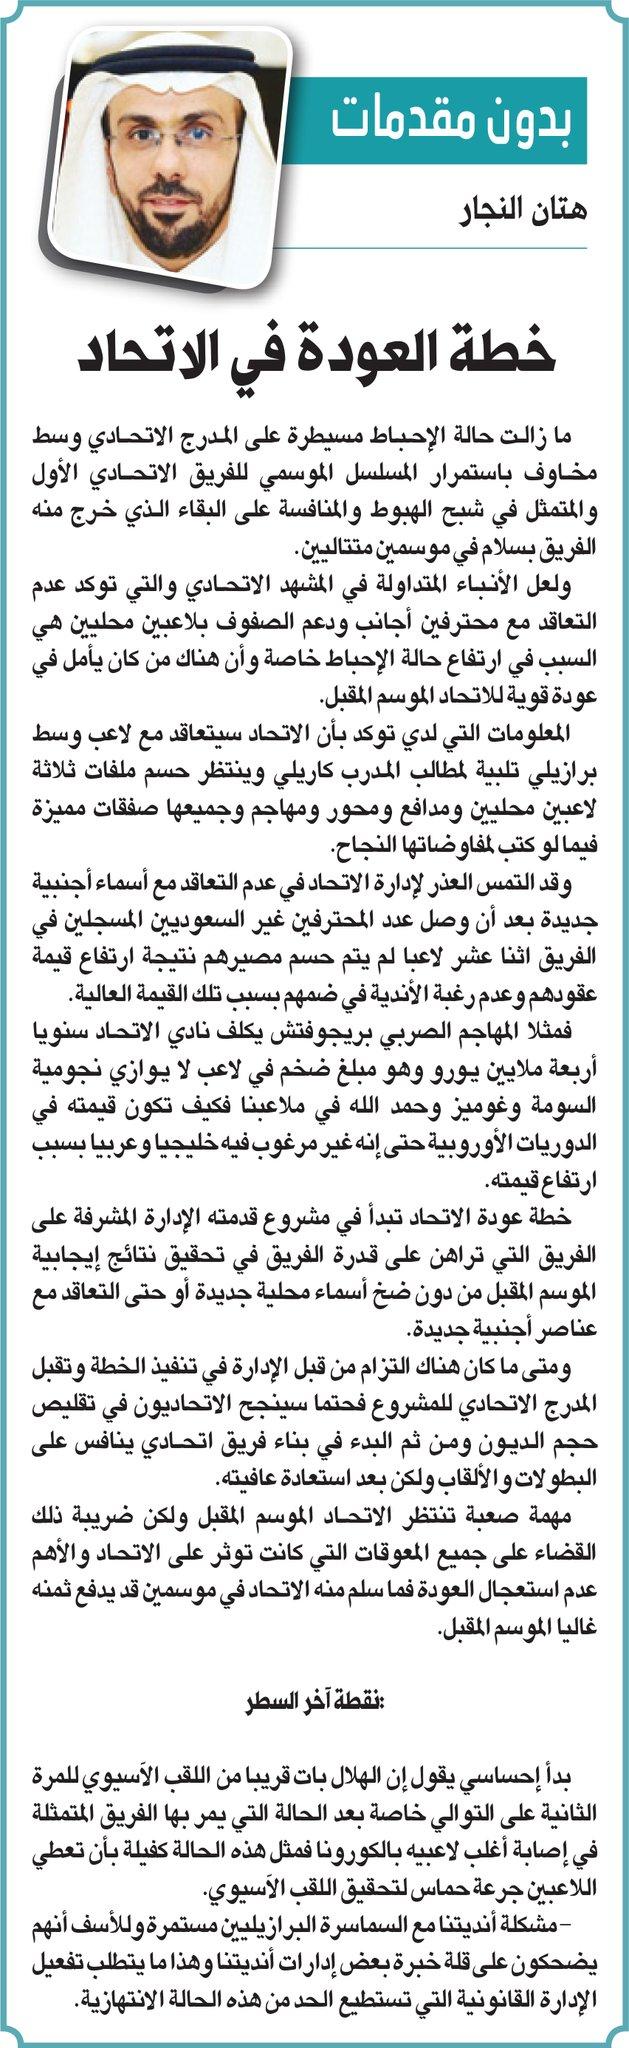 خطة العودة في #الاتحاد مقال للأستاذ/هتان النجار